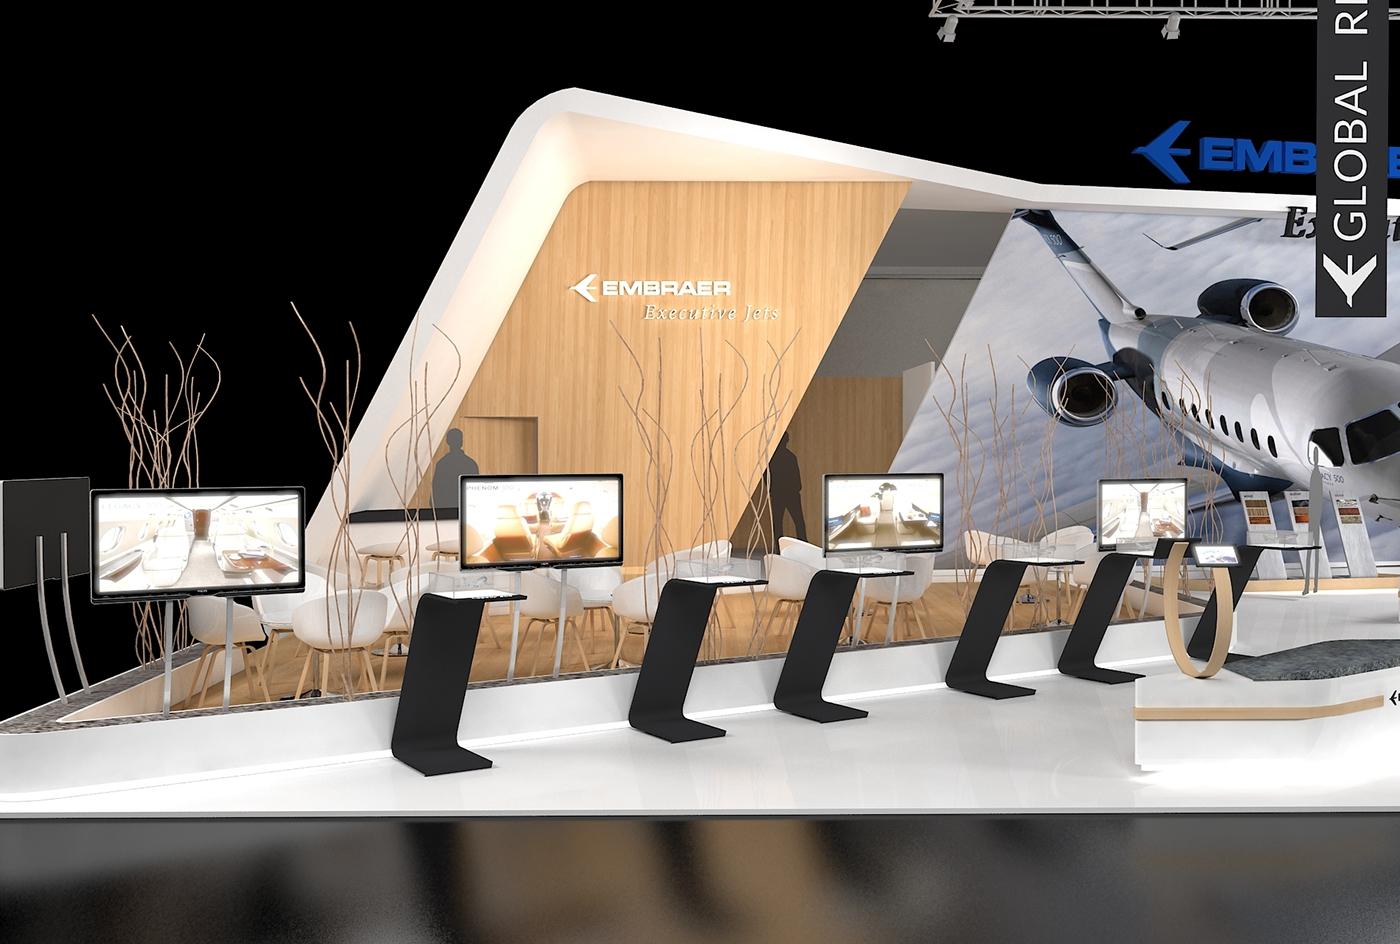 Exhibition Stand Design booth DaseinDesign 3D